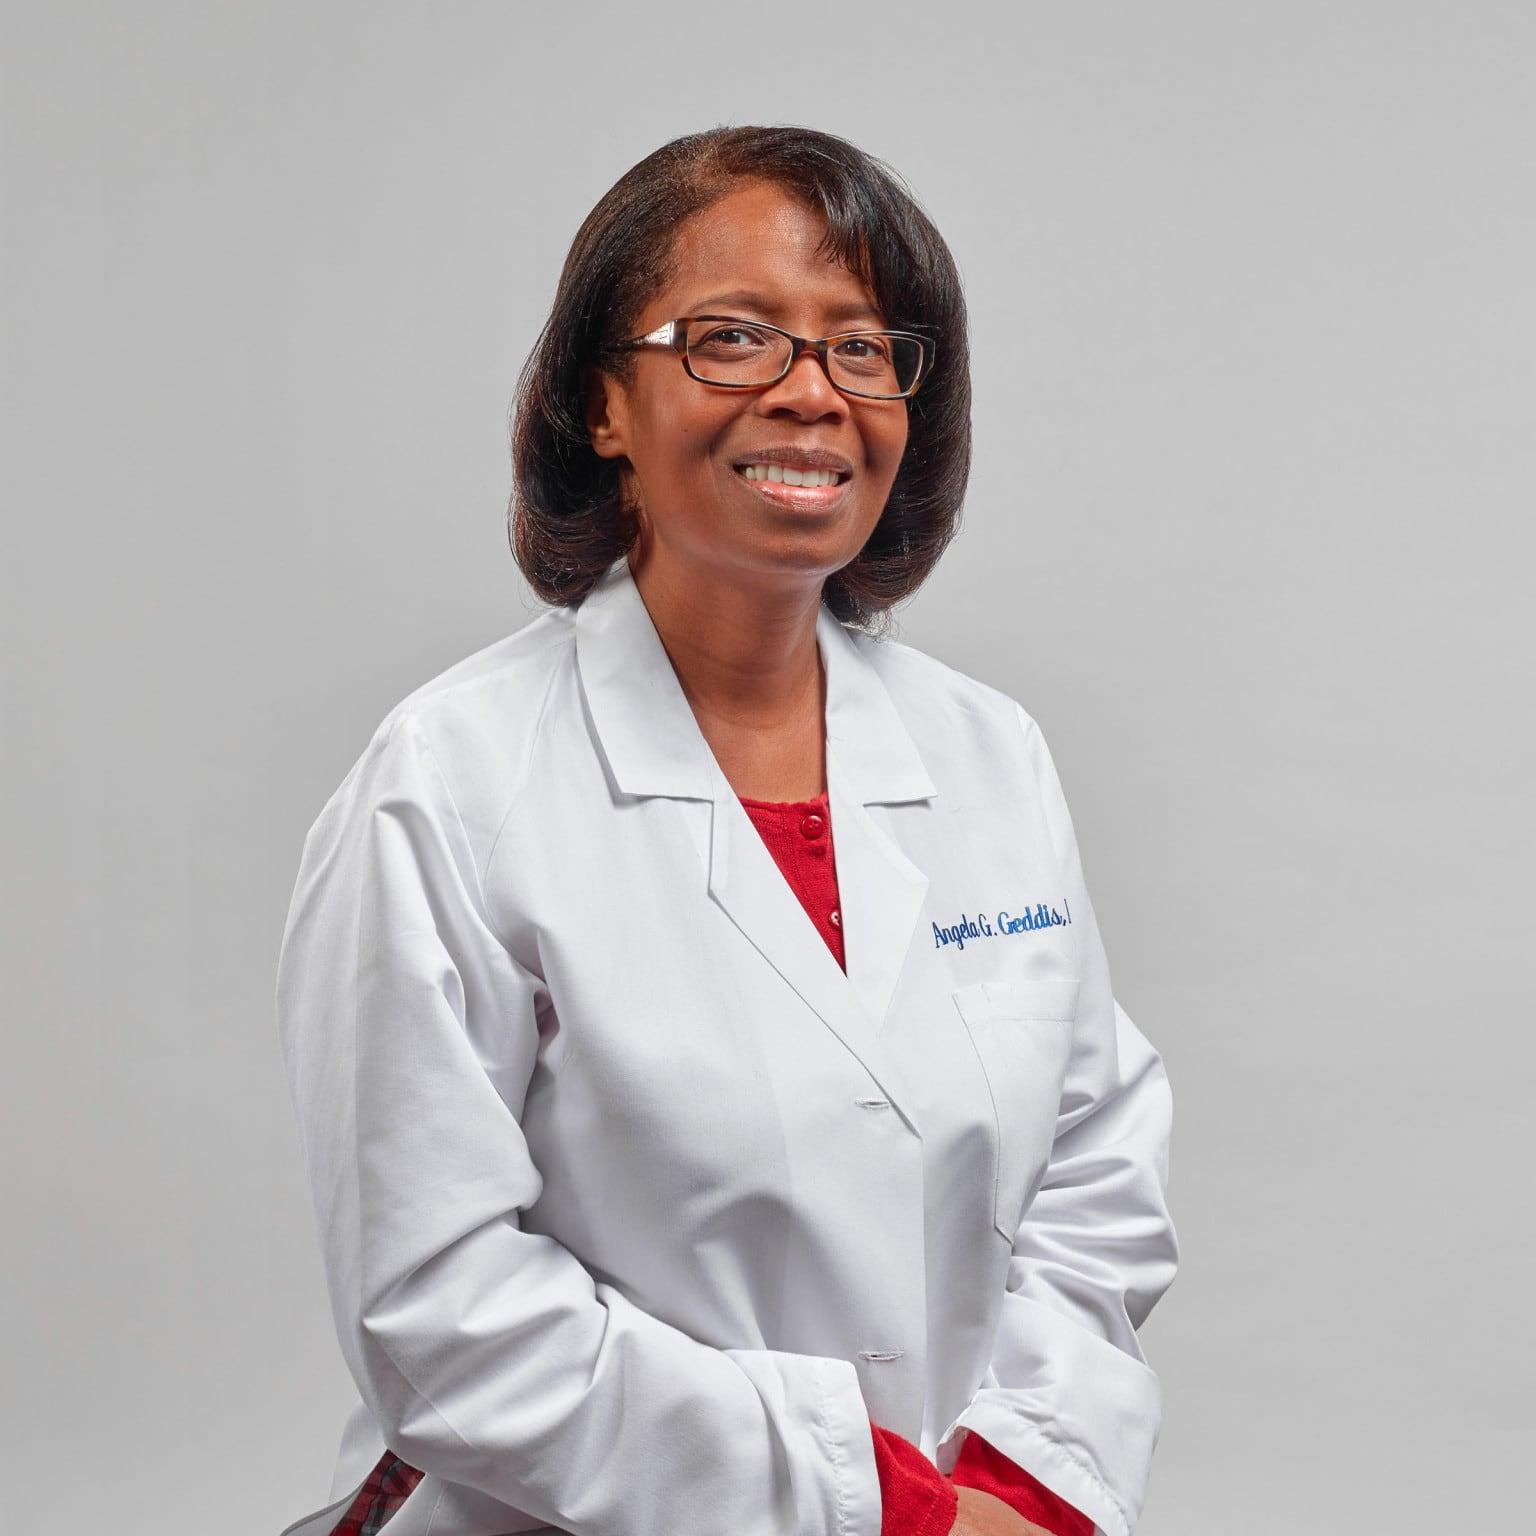 Dr. Angela G Geddis MD